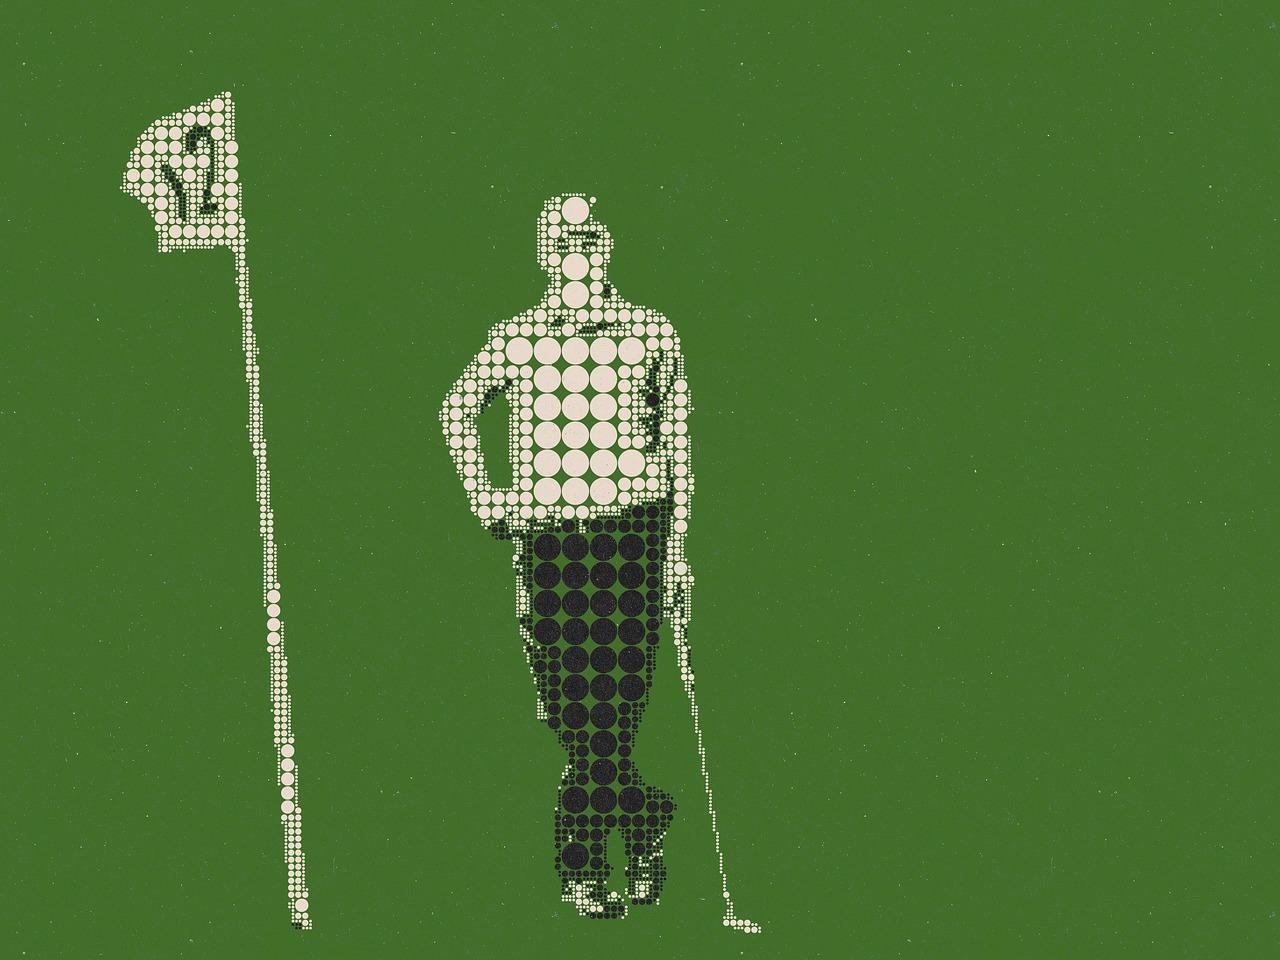 ゴルフ初心者のときに意識しておくと良いこと。ゴルフが嫌いにならないために・・・